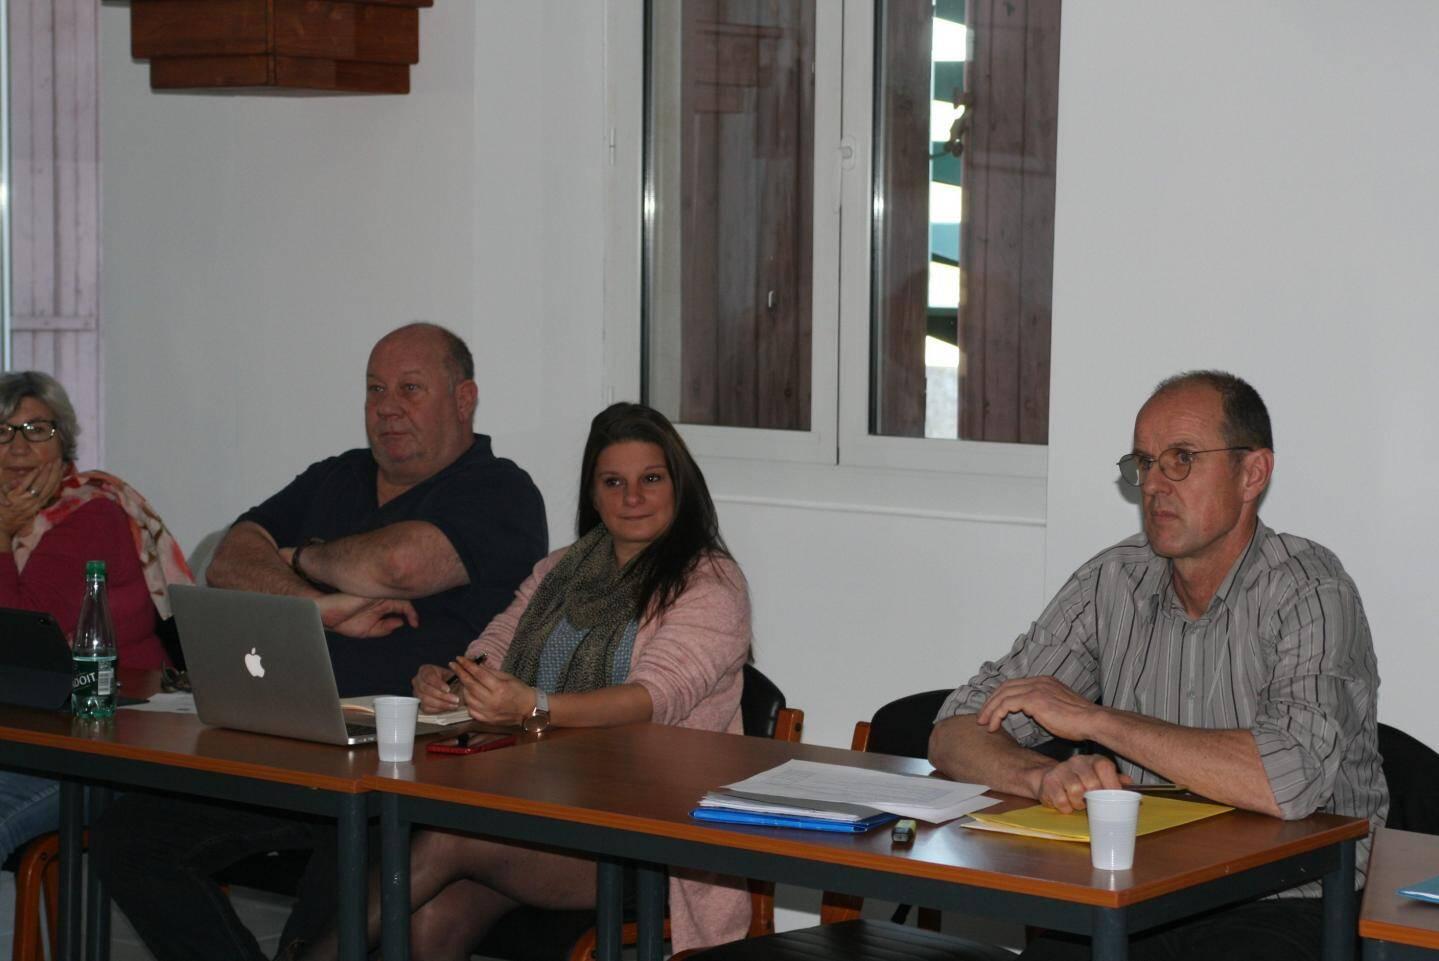 Les élus d'opposition présents au conseil